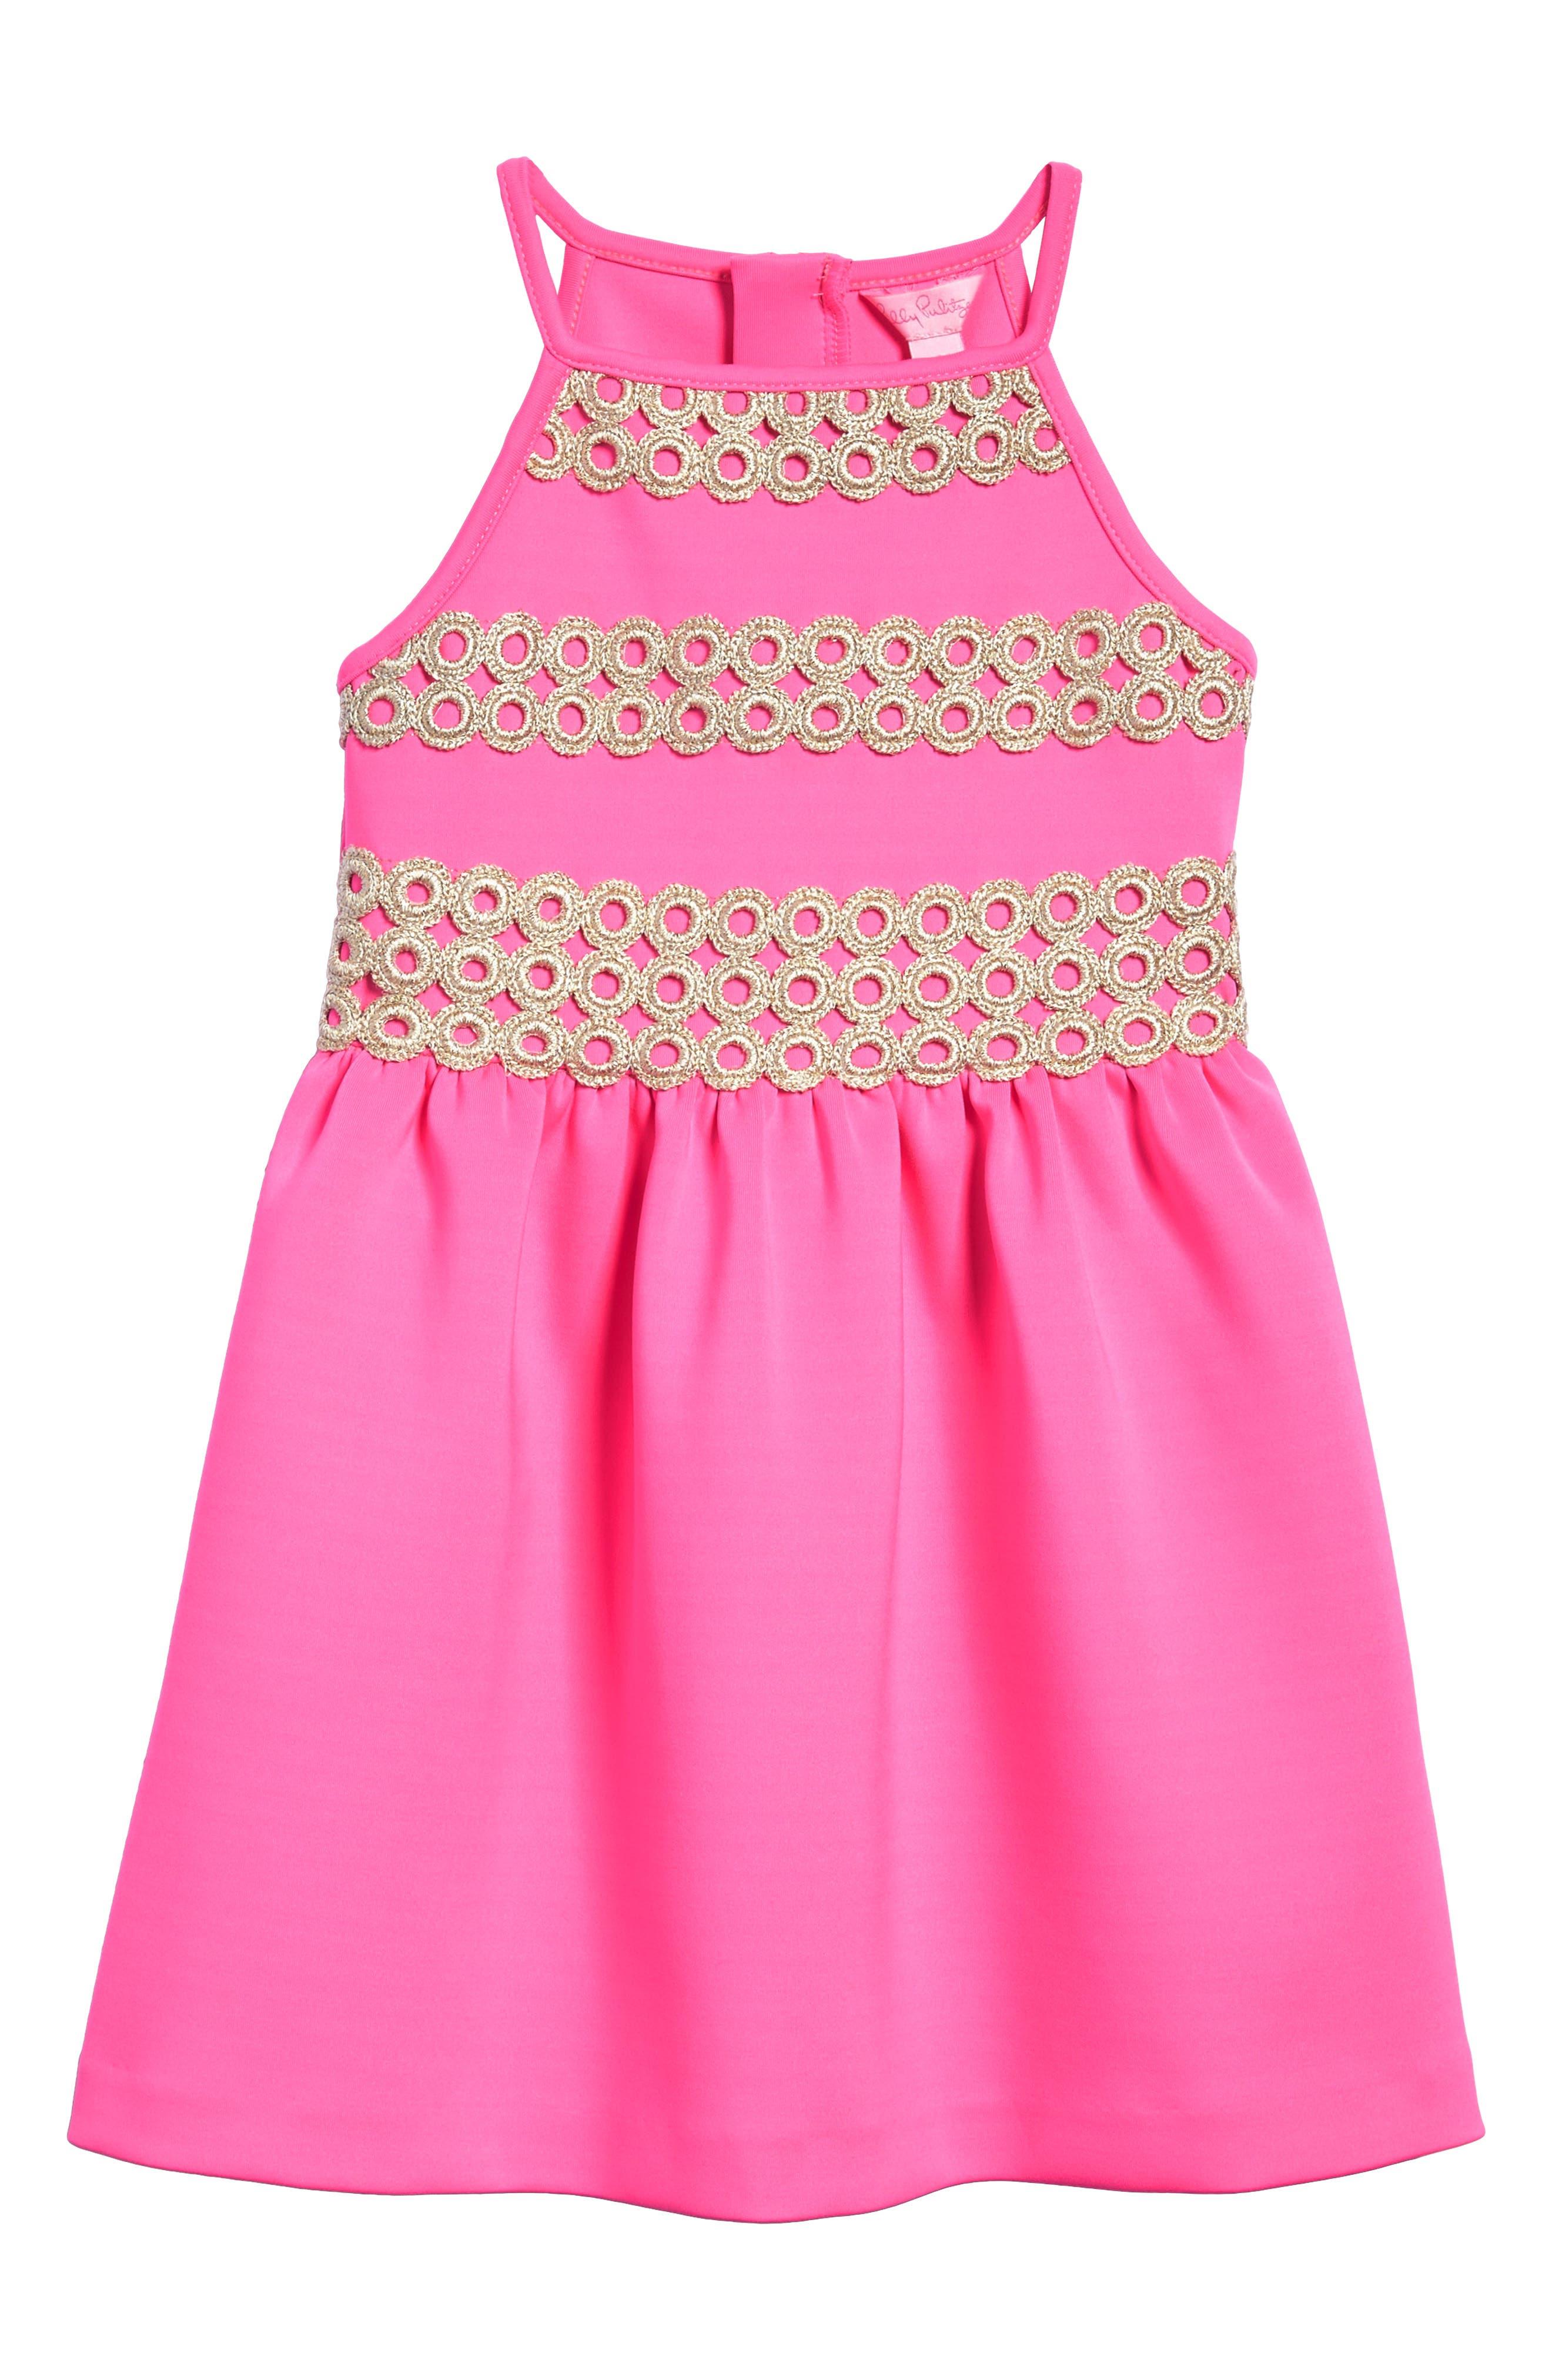 Elize Fit & Flare Dress,                             Main thumbnail 1, color,                             655